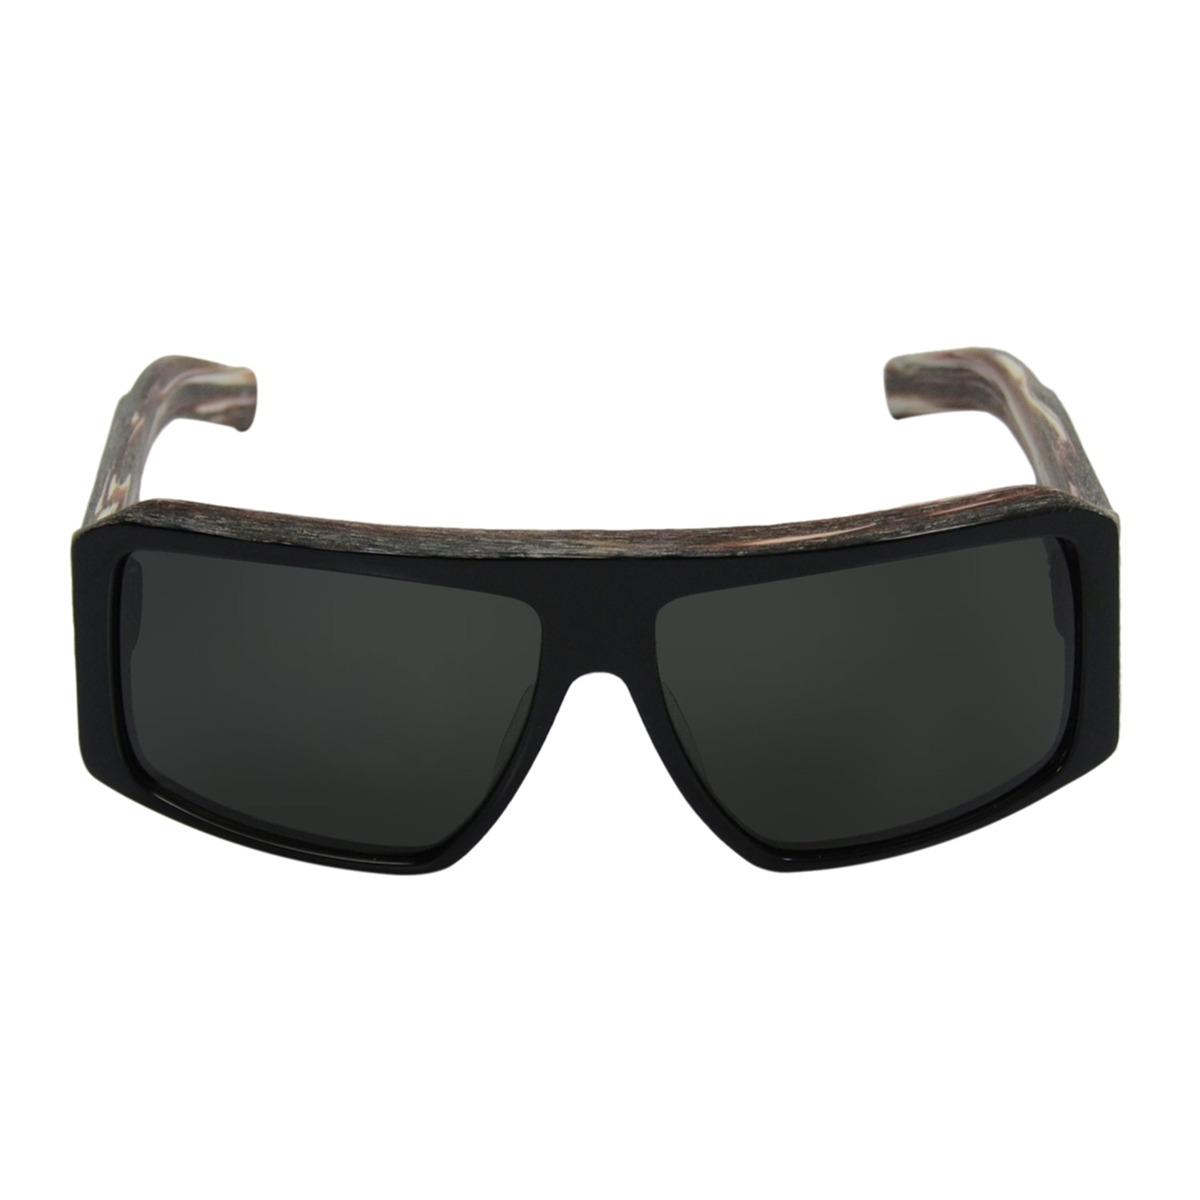 Óculos Masculino Quiksilver The Empire Black Horn - R  169,00 em ... d7f87e9545